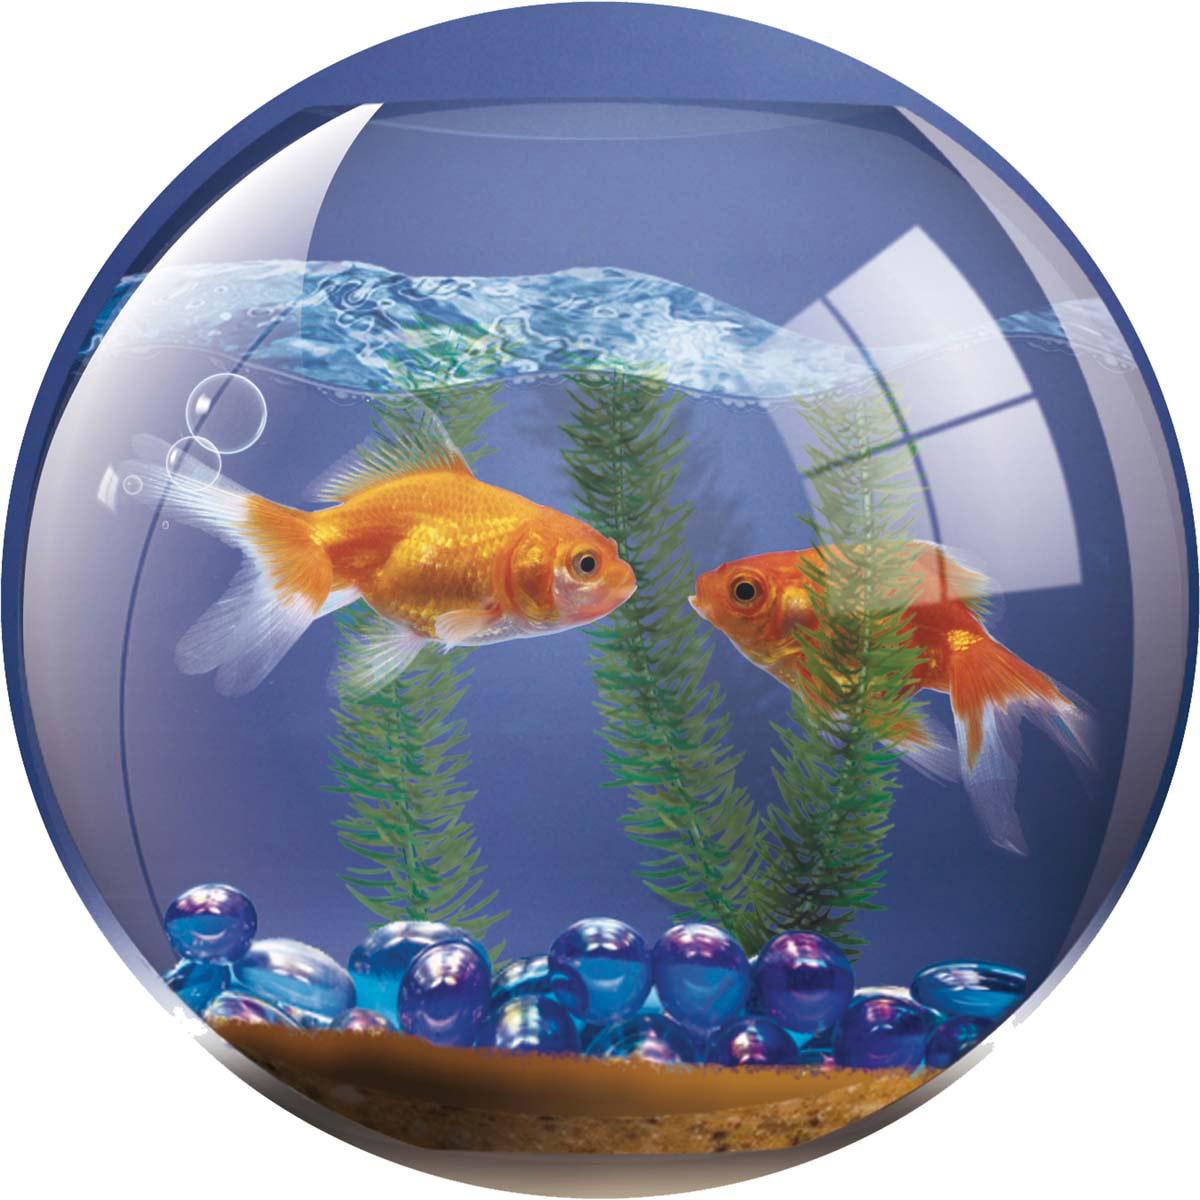 Картинки с рыбками в аквариум